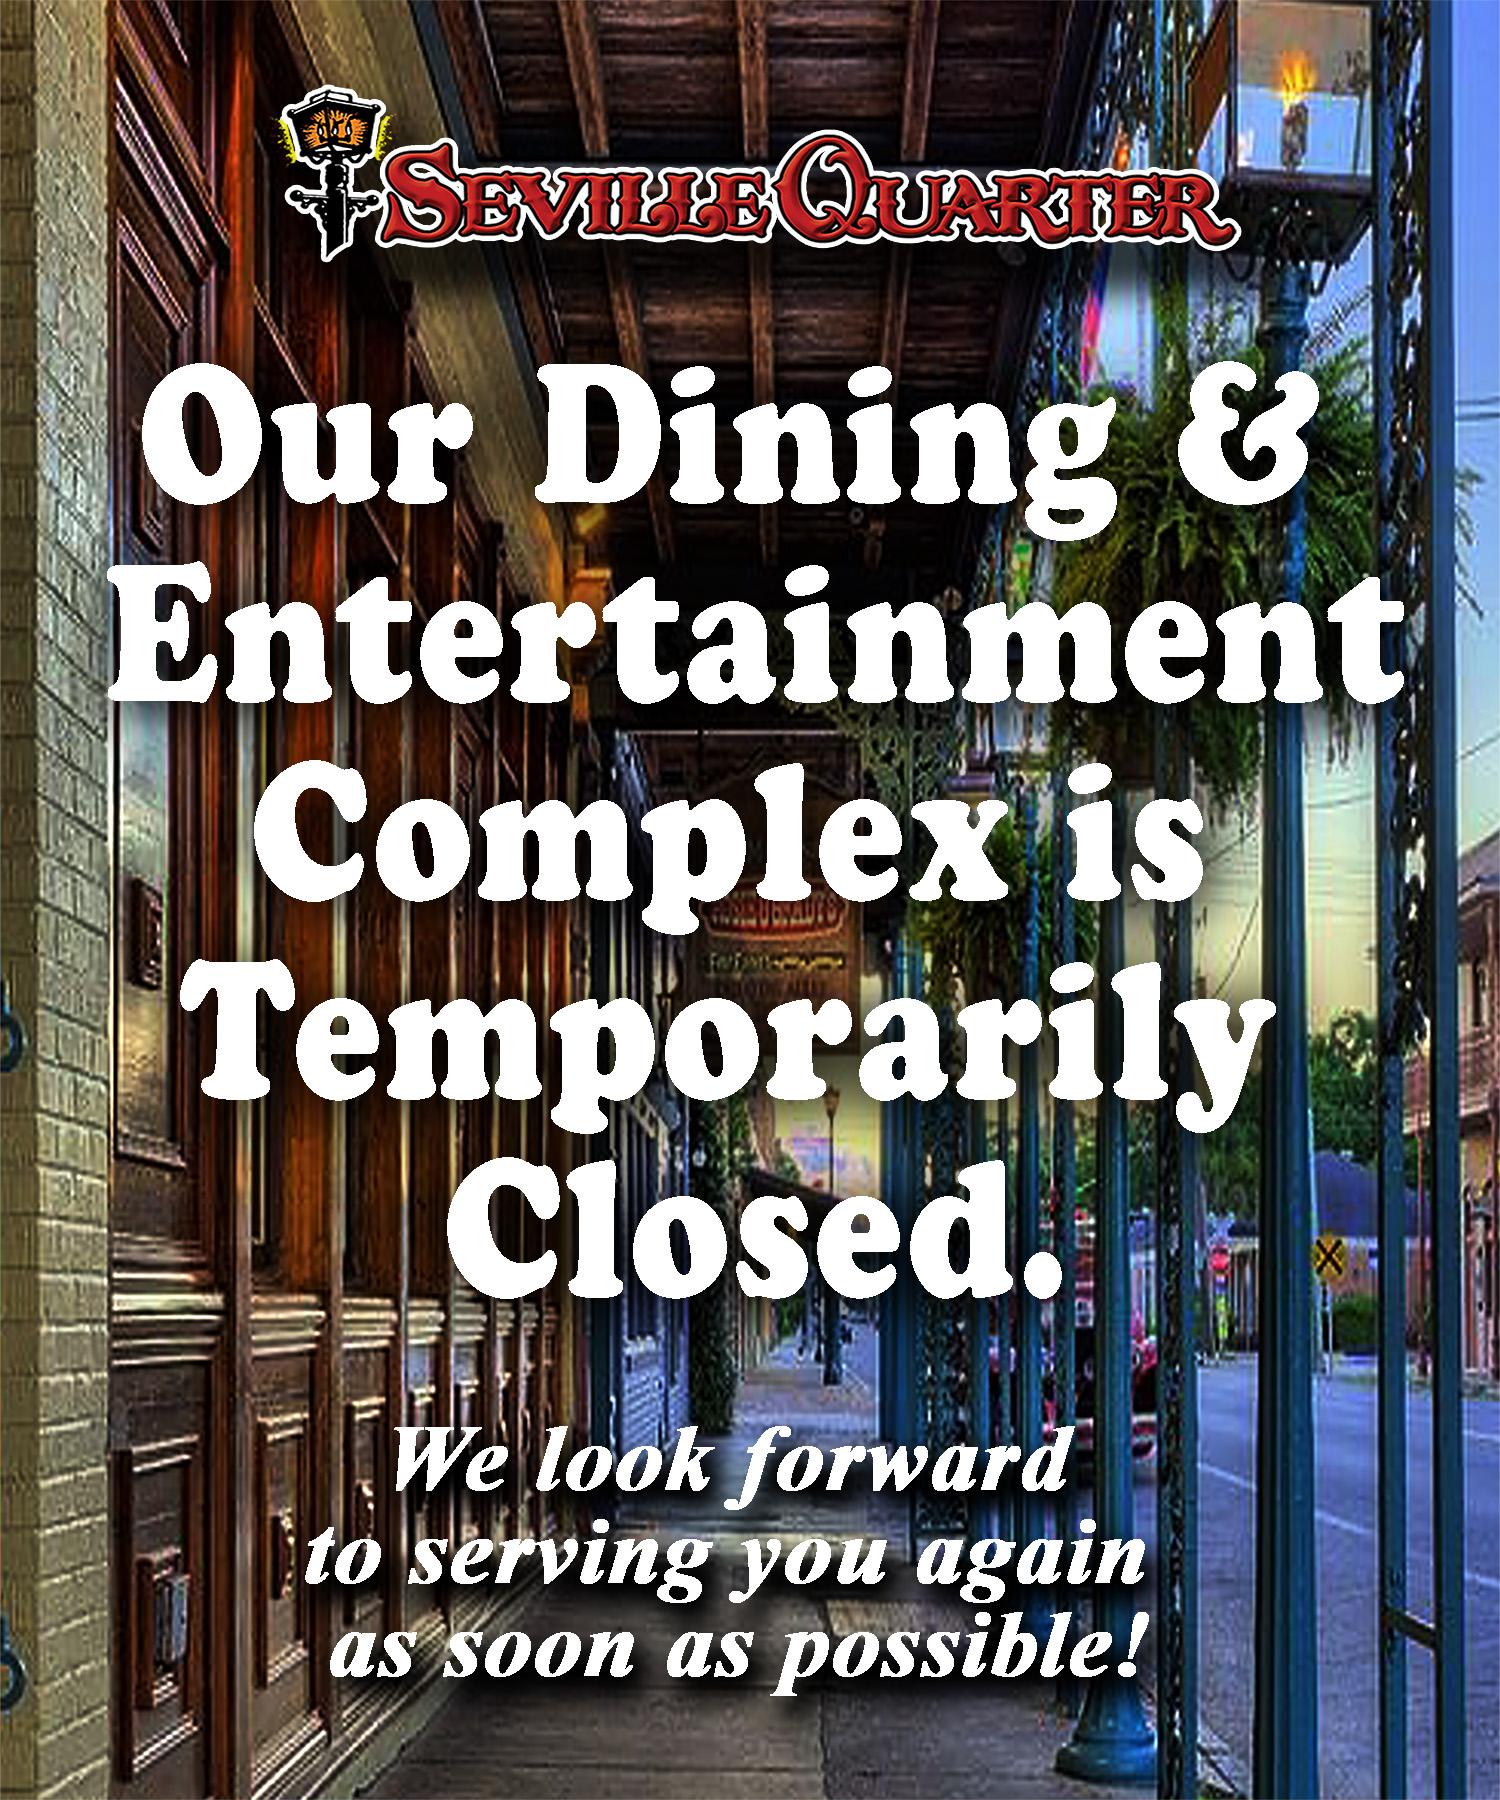 Seville Quarter Event SEVILLE QUARTER CLOSED - STAY SAFE AND HEALTHY!